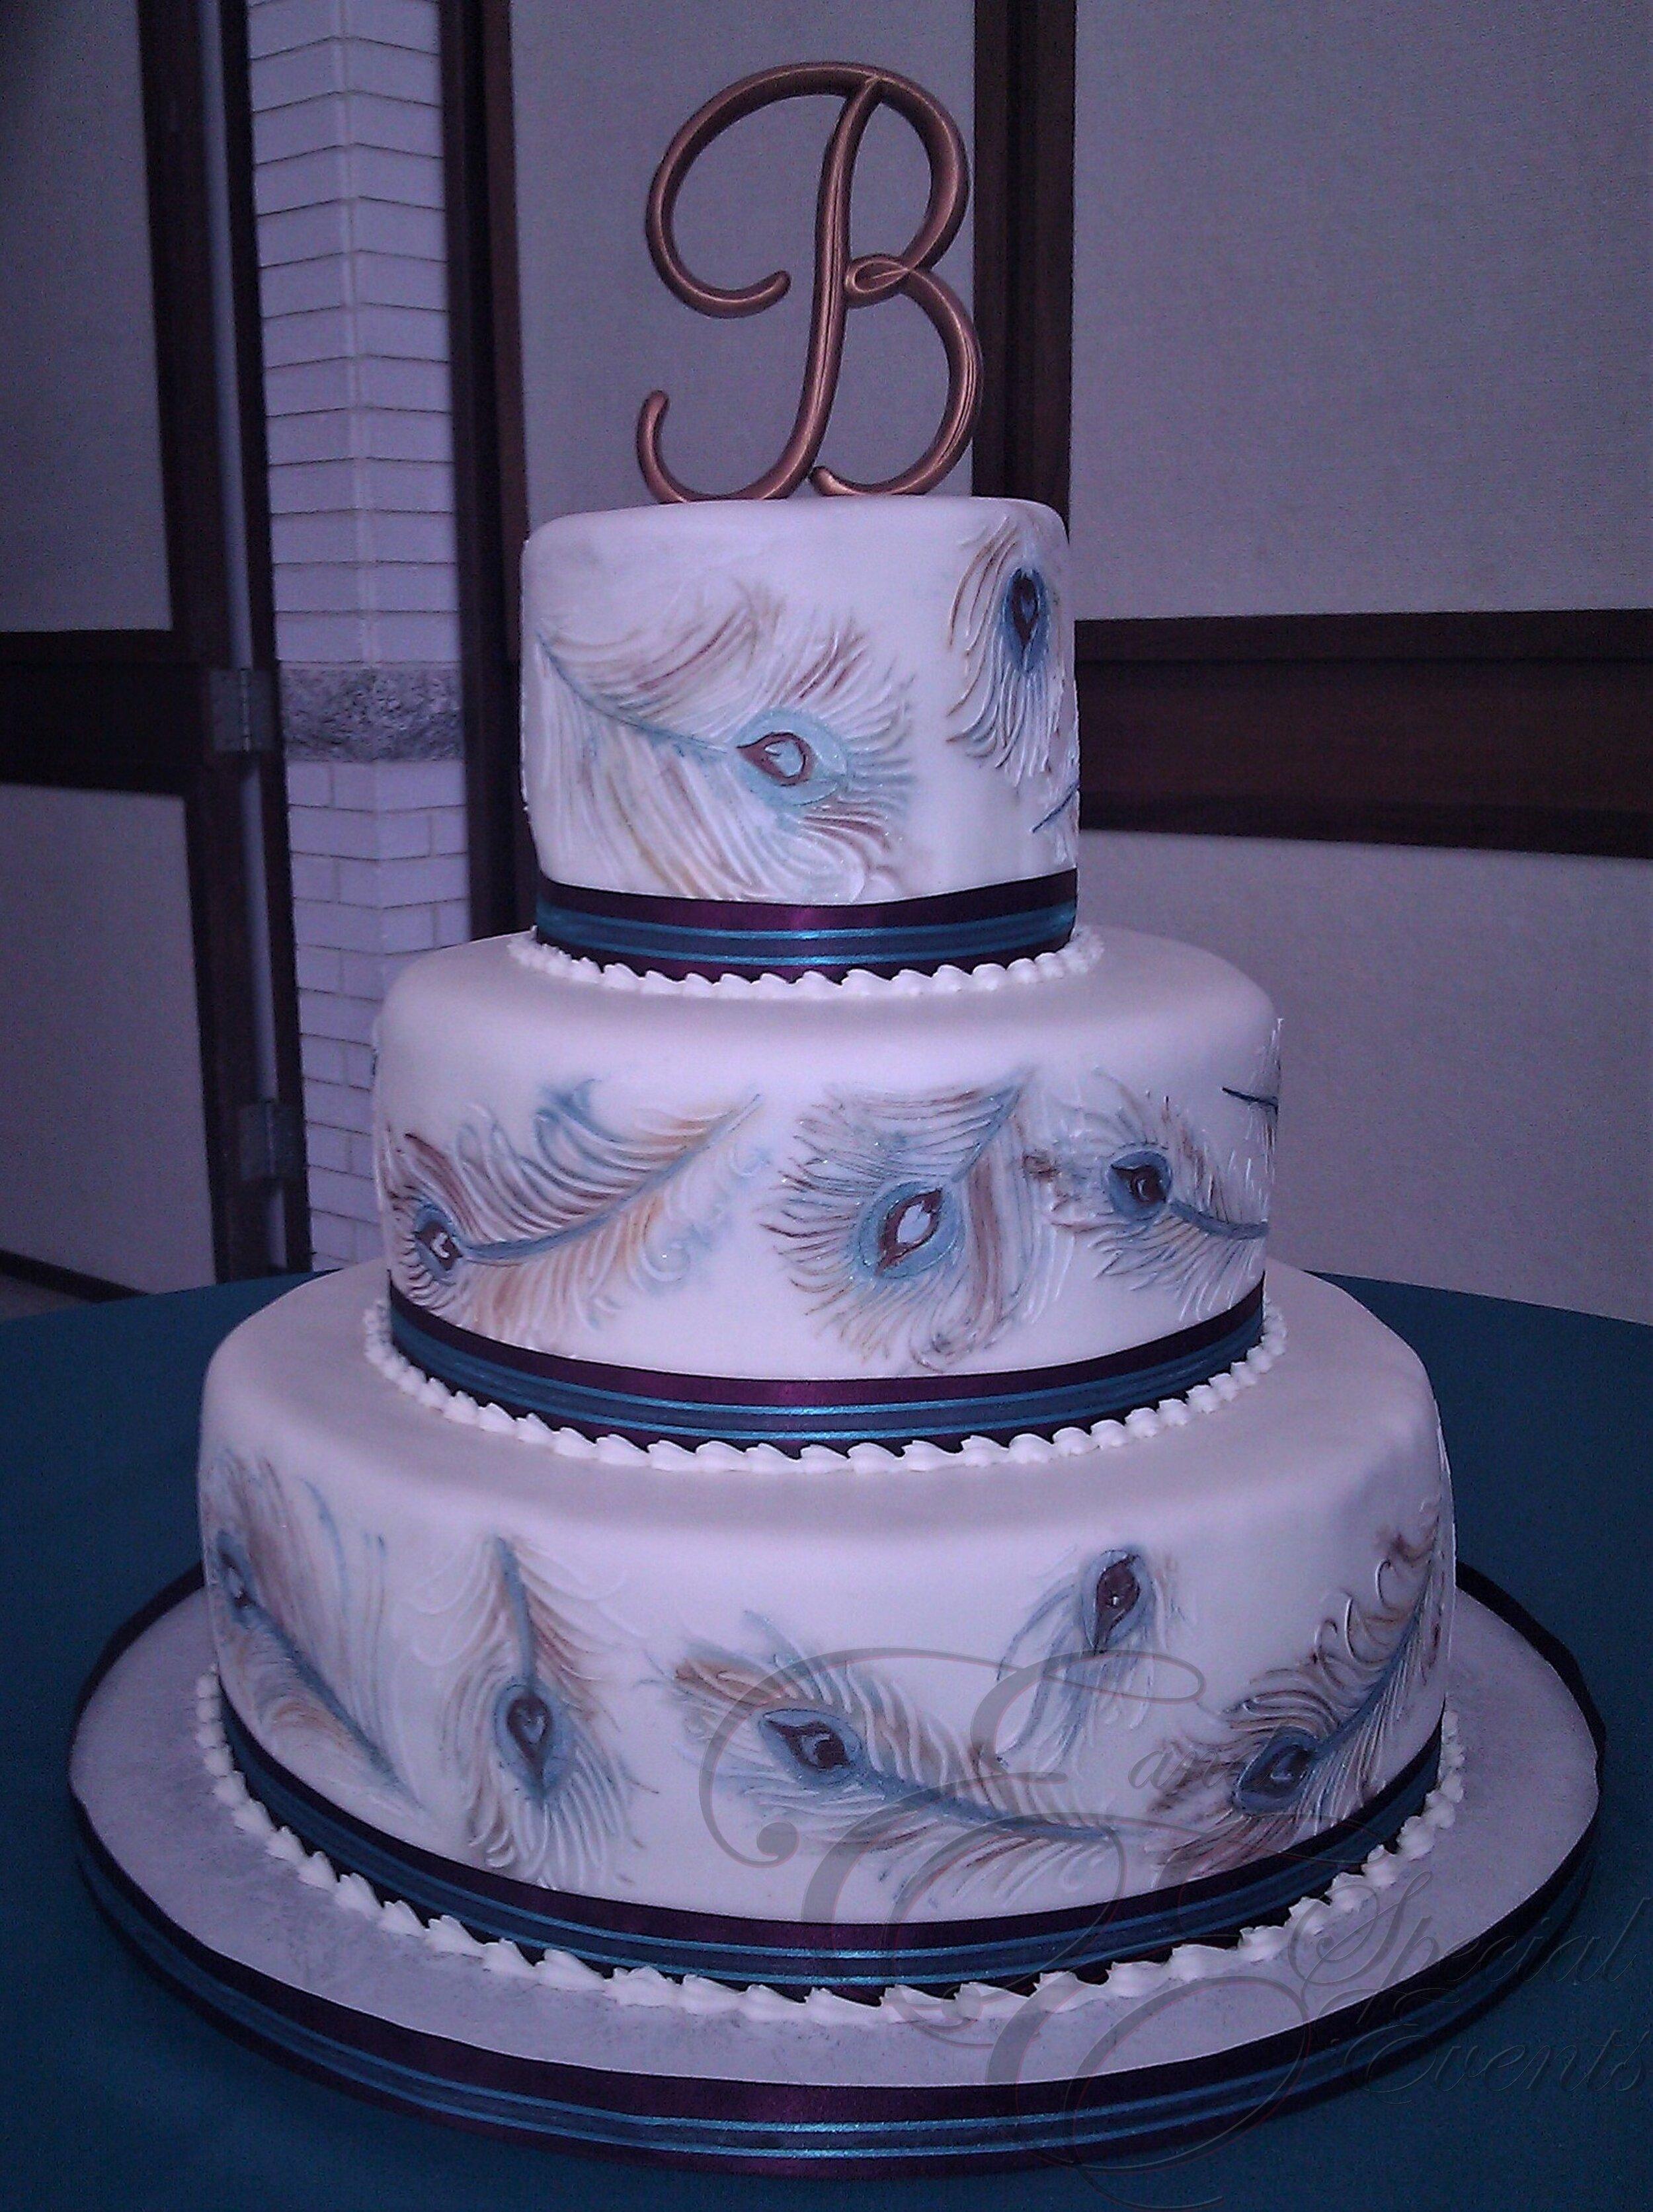 E_E_Special_Events_Unique_Wedding_Cakes_Virginia_Beach_Hampton_Roads20.jpg